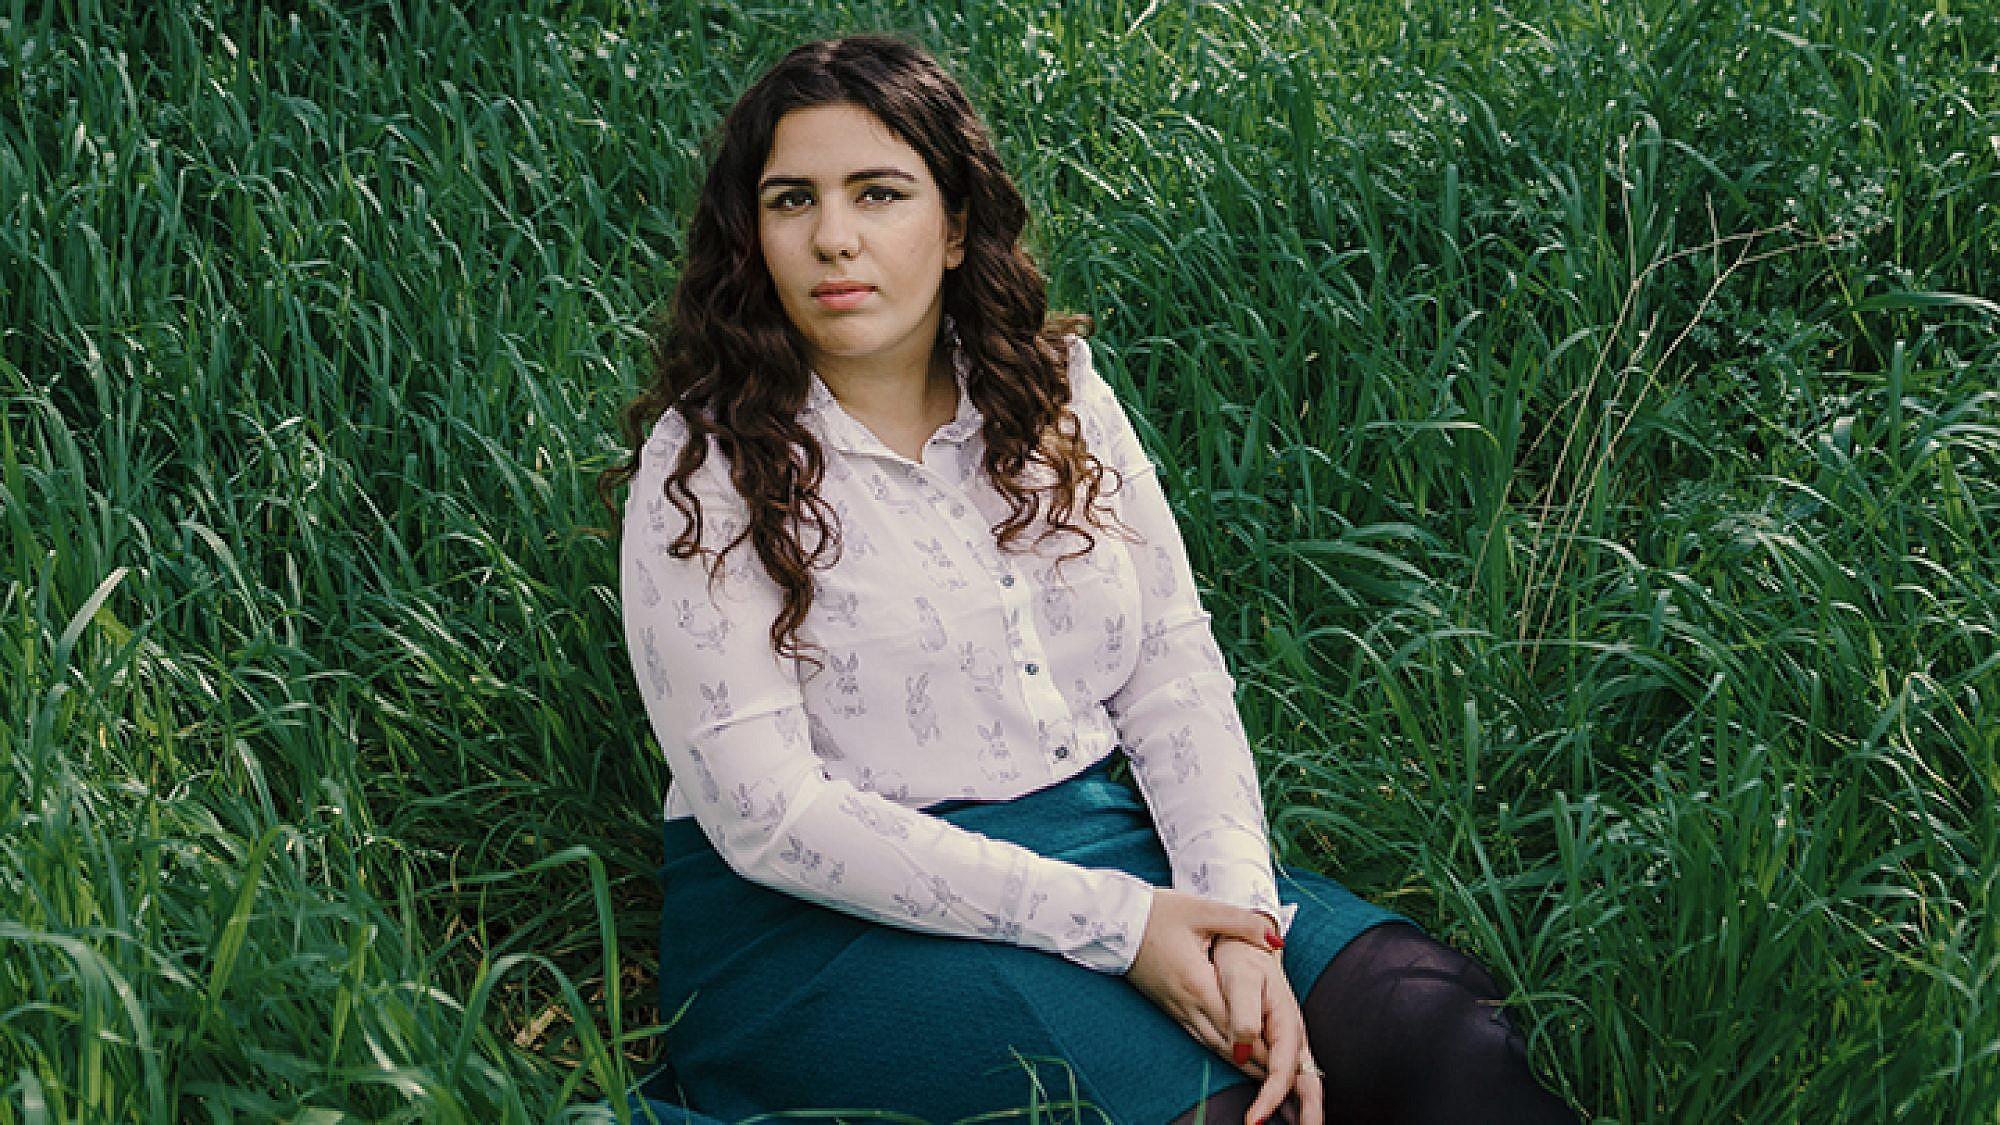 רותם אלישע | צילום: ליה צ'סנוקוב